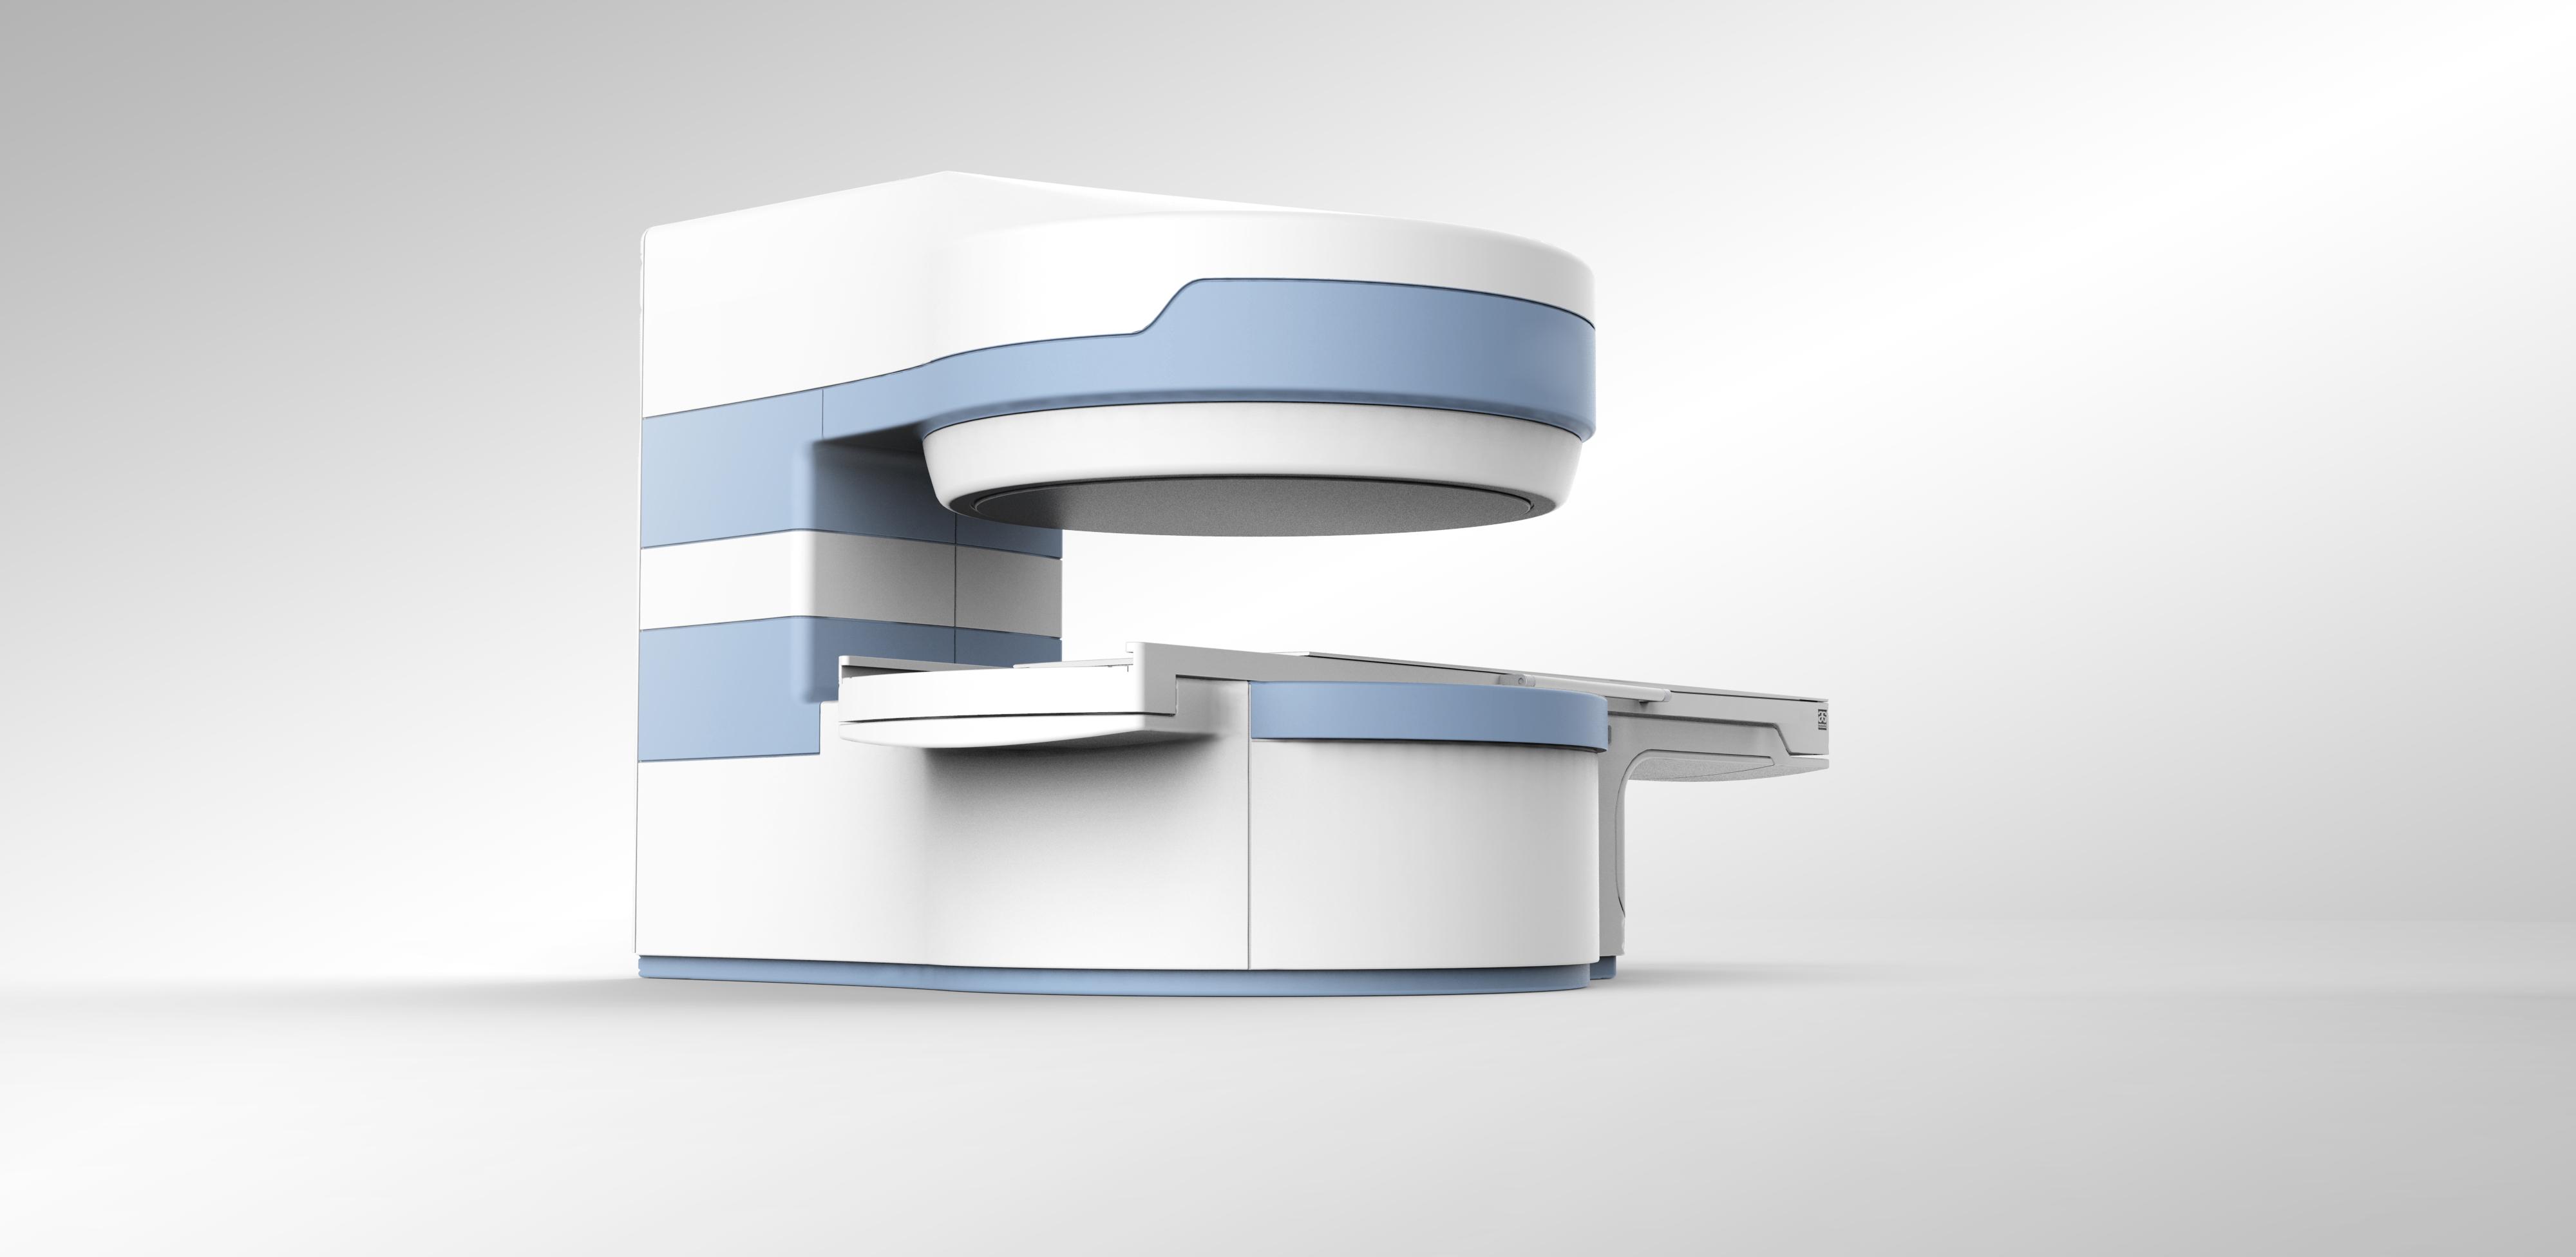 Медицинский аппарат МРТ, медицинская система, сканер на продажу